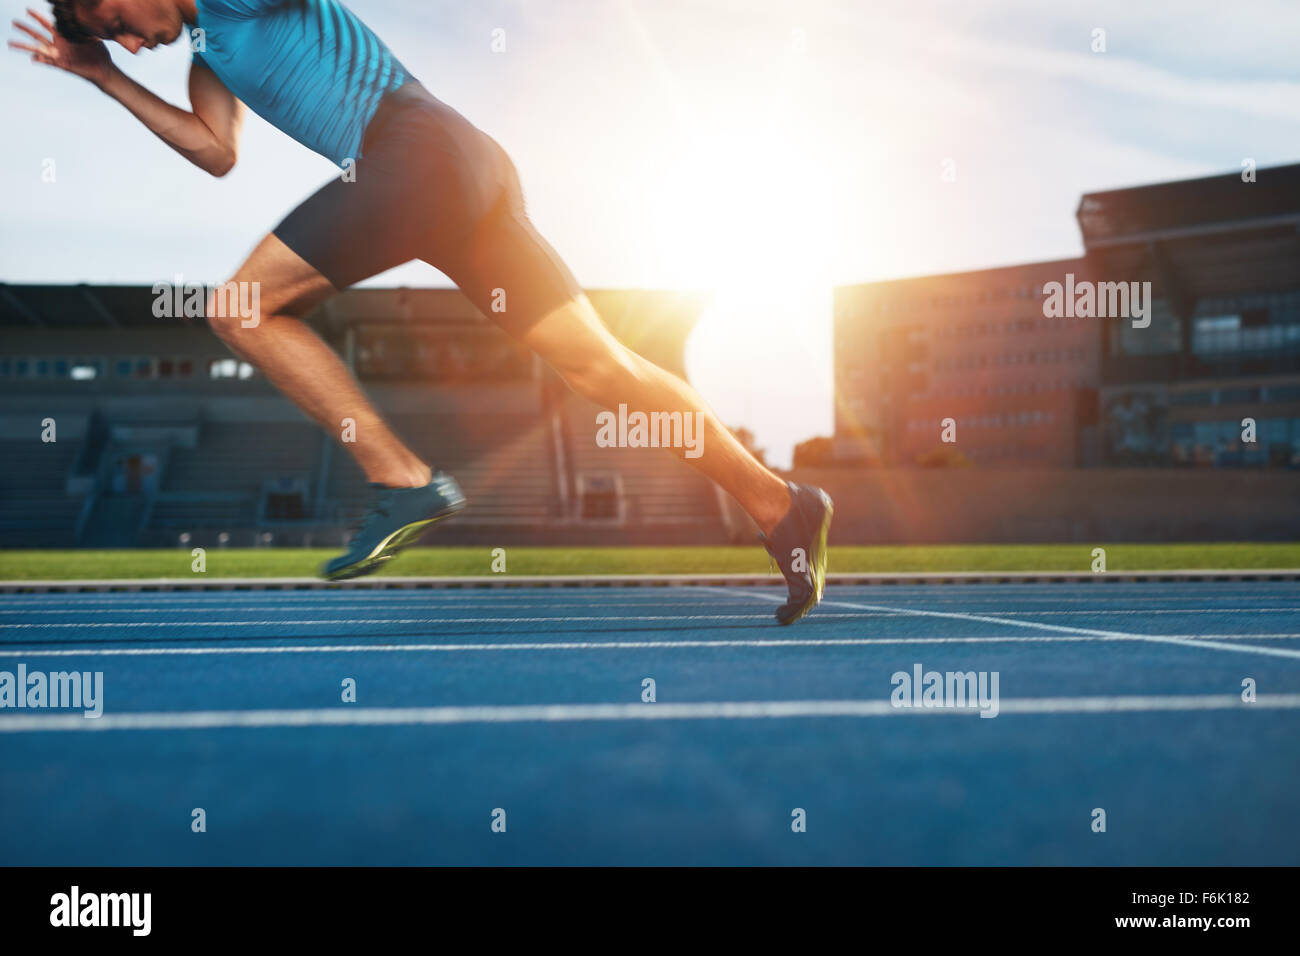 Coup de jeune athlète masculin de lancer au large de la ligne de départ dans une course. Runner s'exécutant Photo Stock